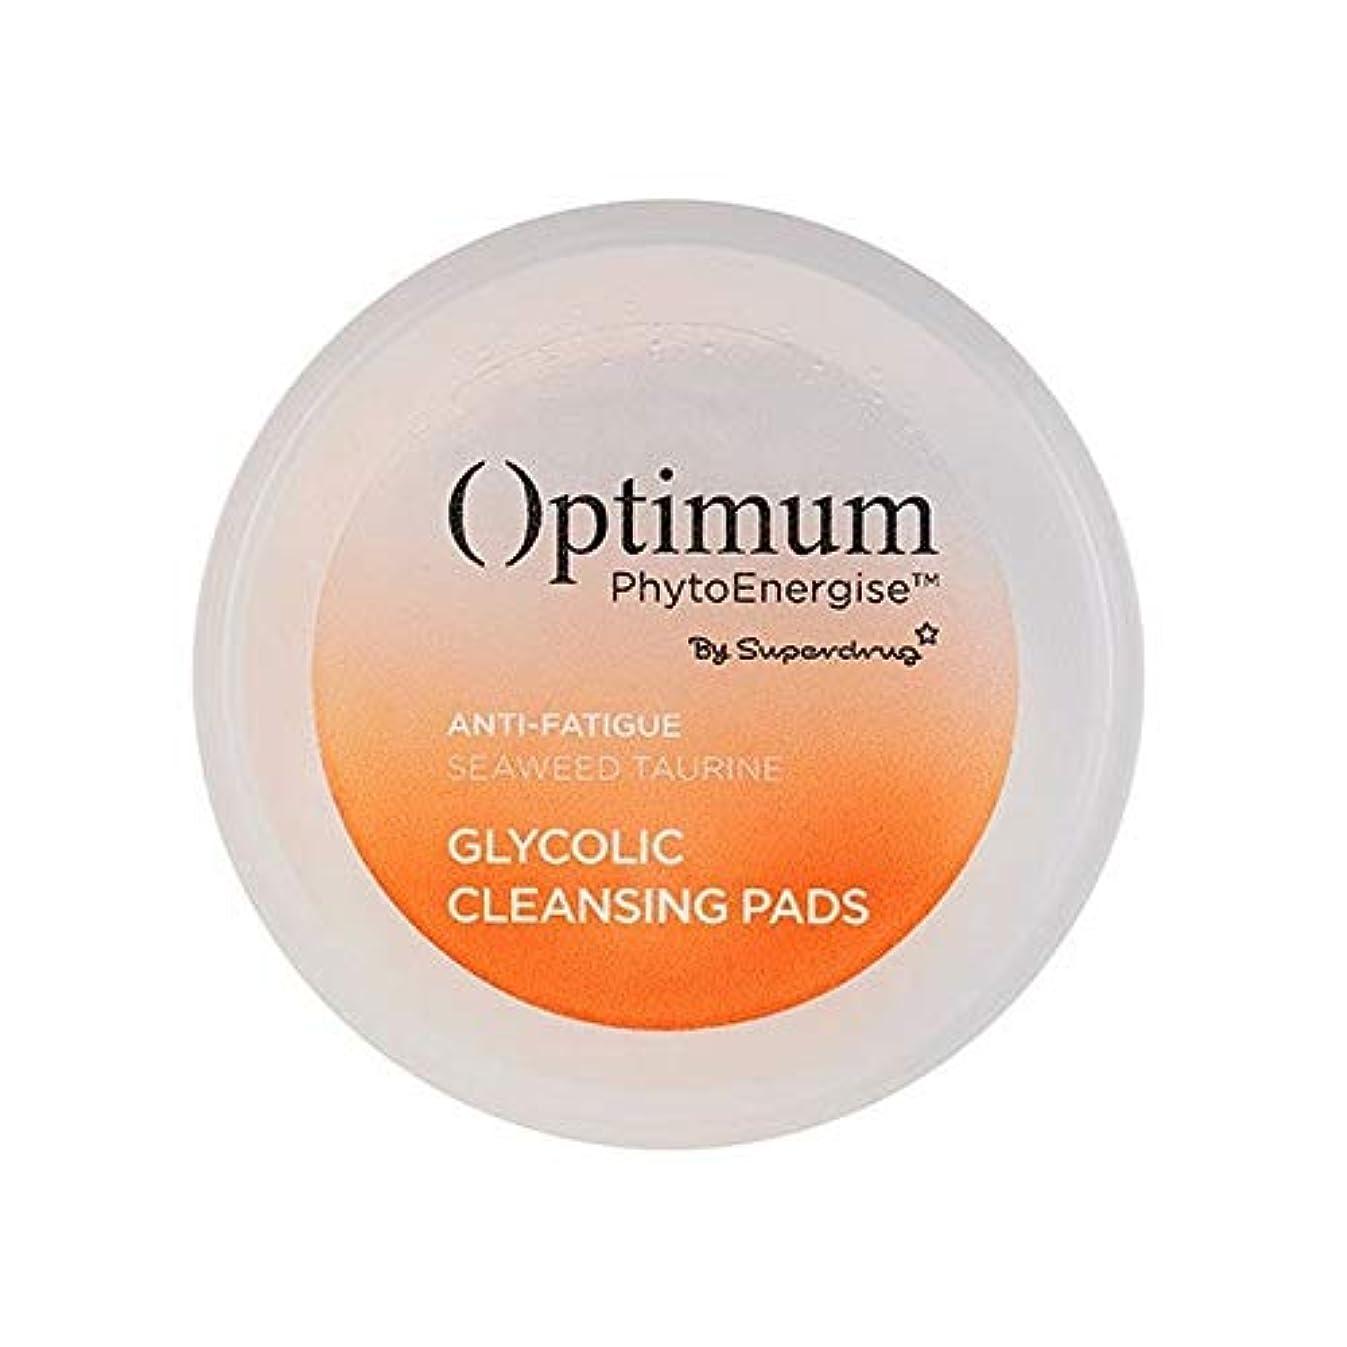 反対するぎこちないコンテンポラリー[Optimum ] 最適Phytoenergiseグリコールクレンジングパッド - Optimum PhytoEnergise Glycolic Cleansing Pads [並行輸入品]